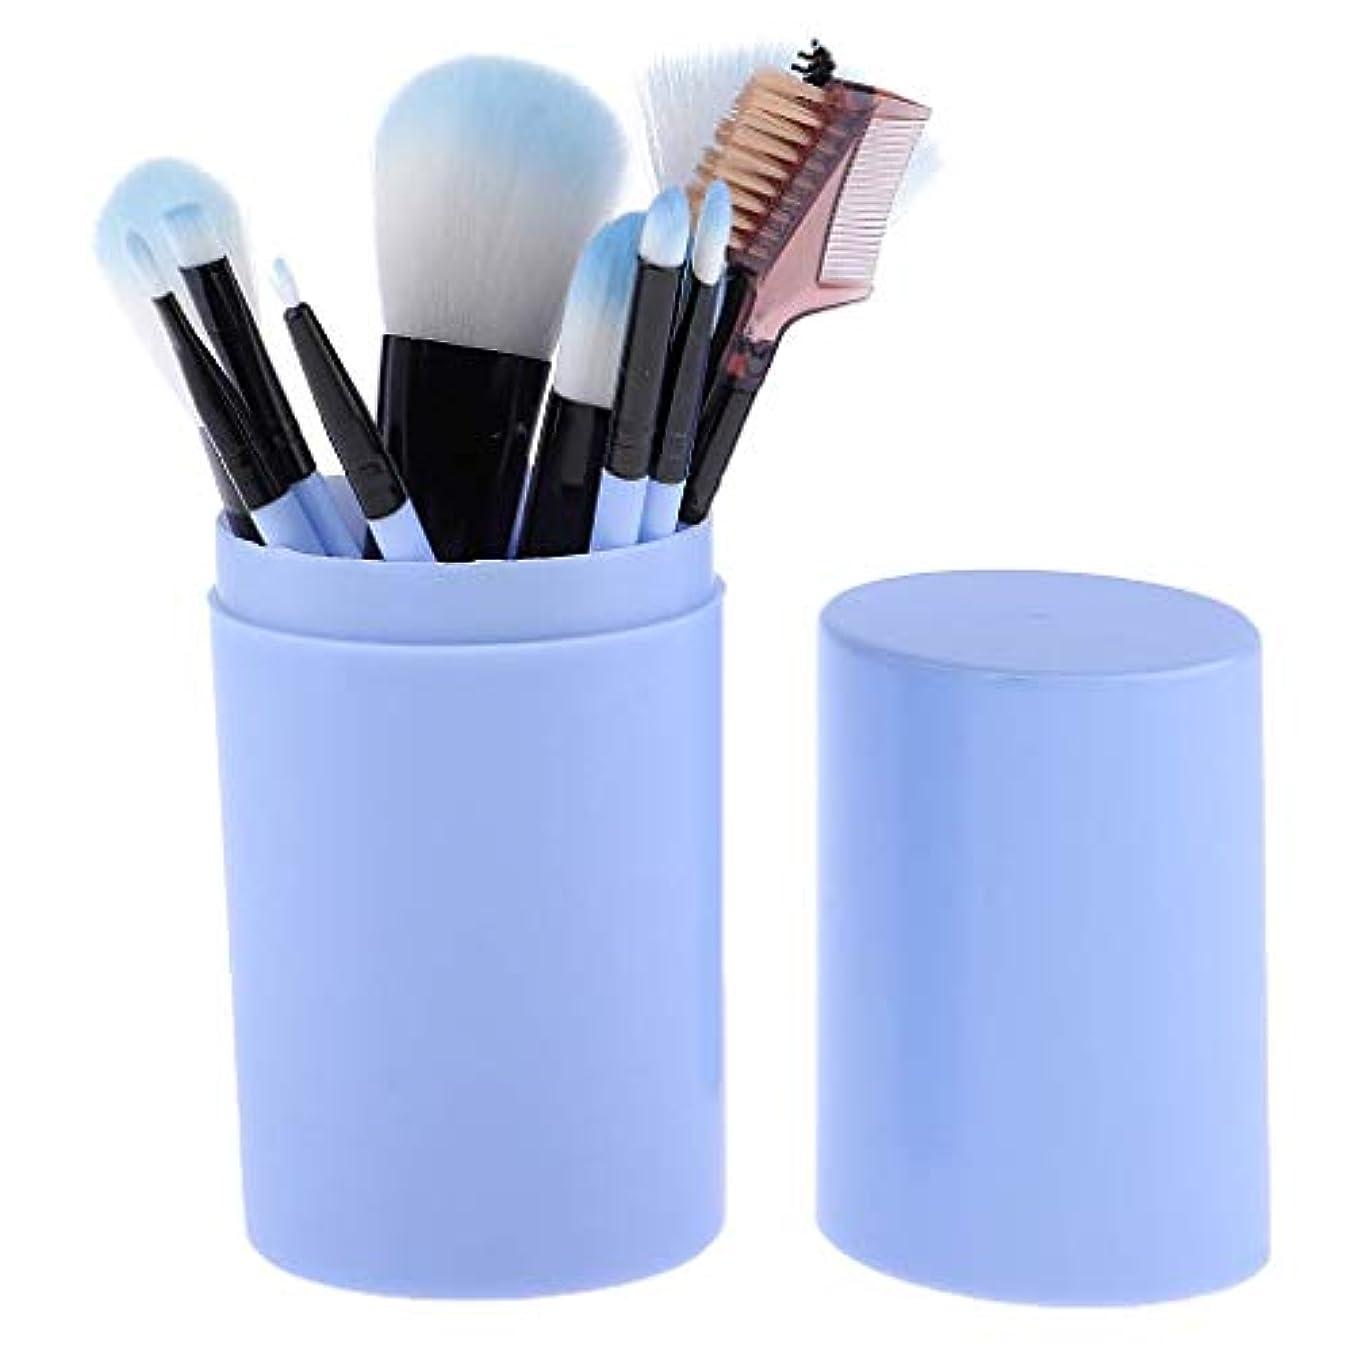 体現する背の高い助言するMakeup brushes 青、スミアのようなリアルな、持ち運びに快適、収納バケット付き化粧ブラシセット付き12ピース高品質木製ハンドル化粧ブラシセット suits (Color : Blue)